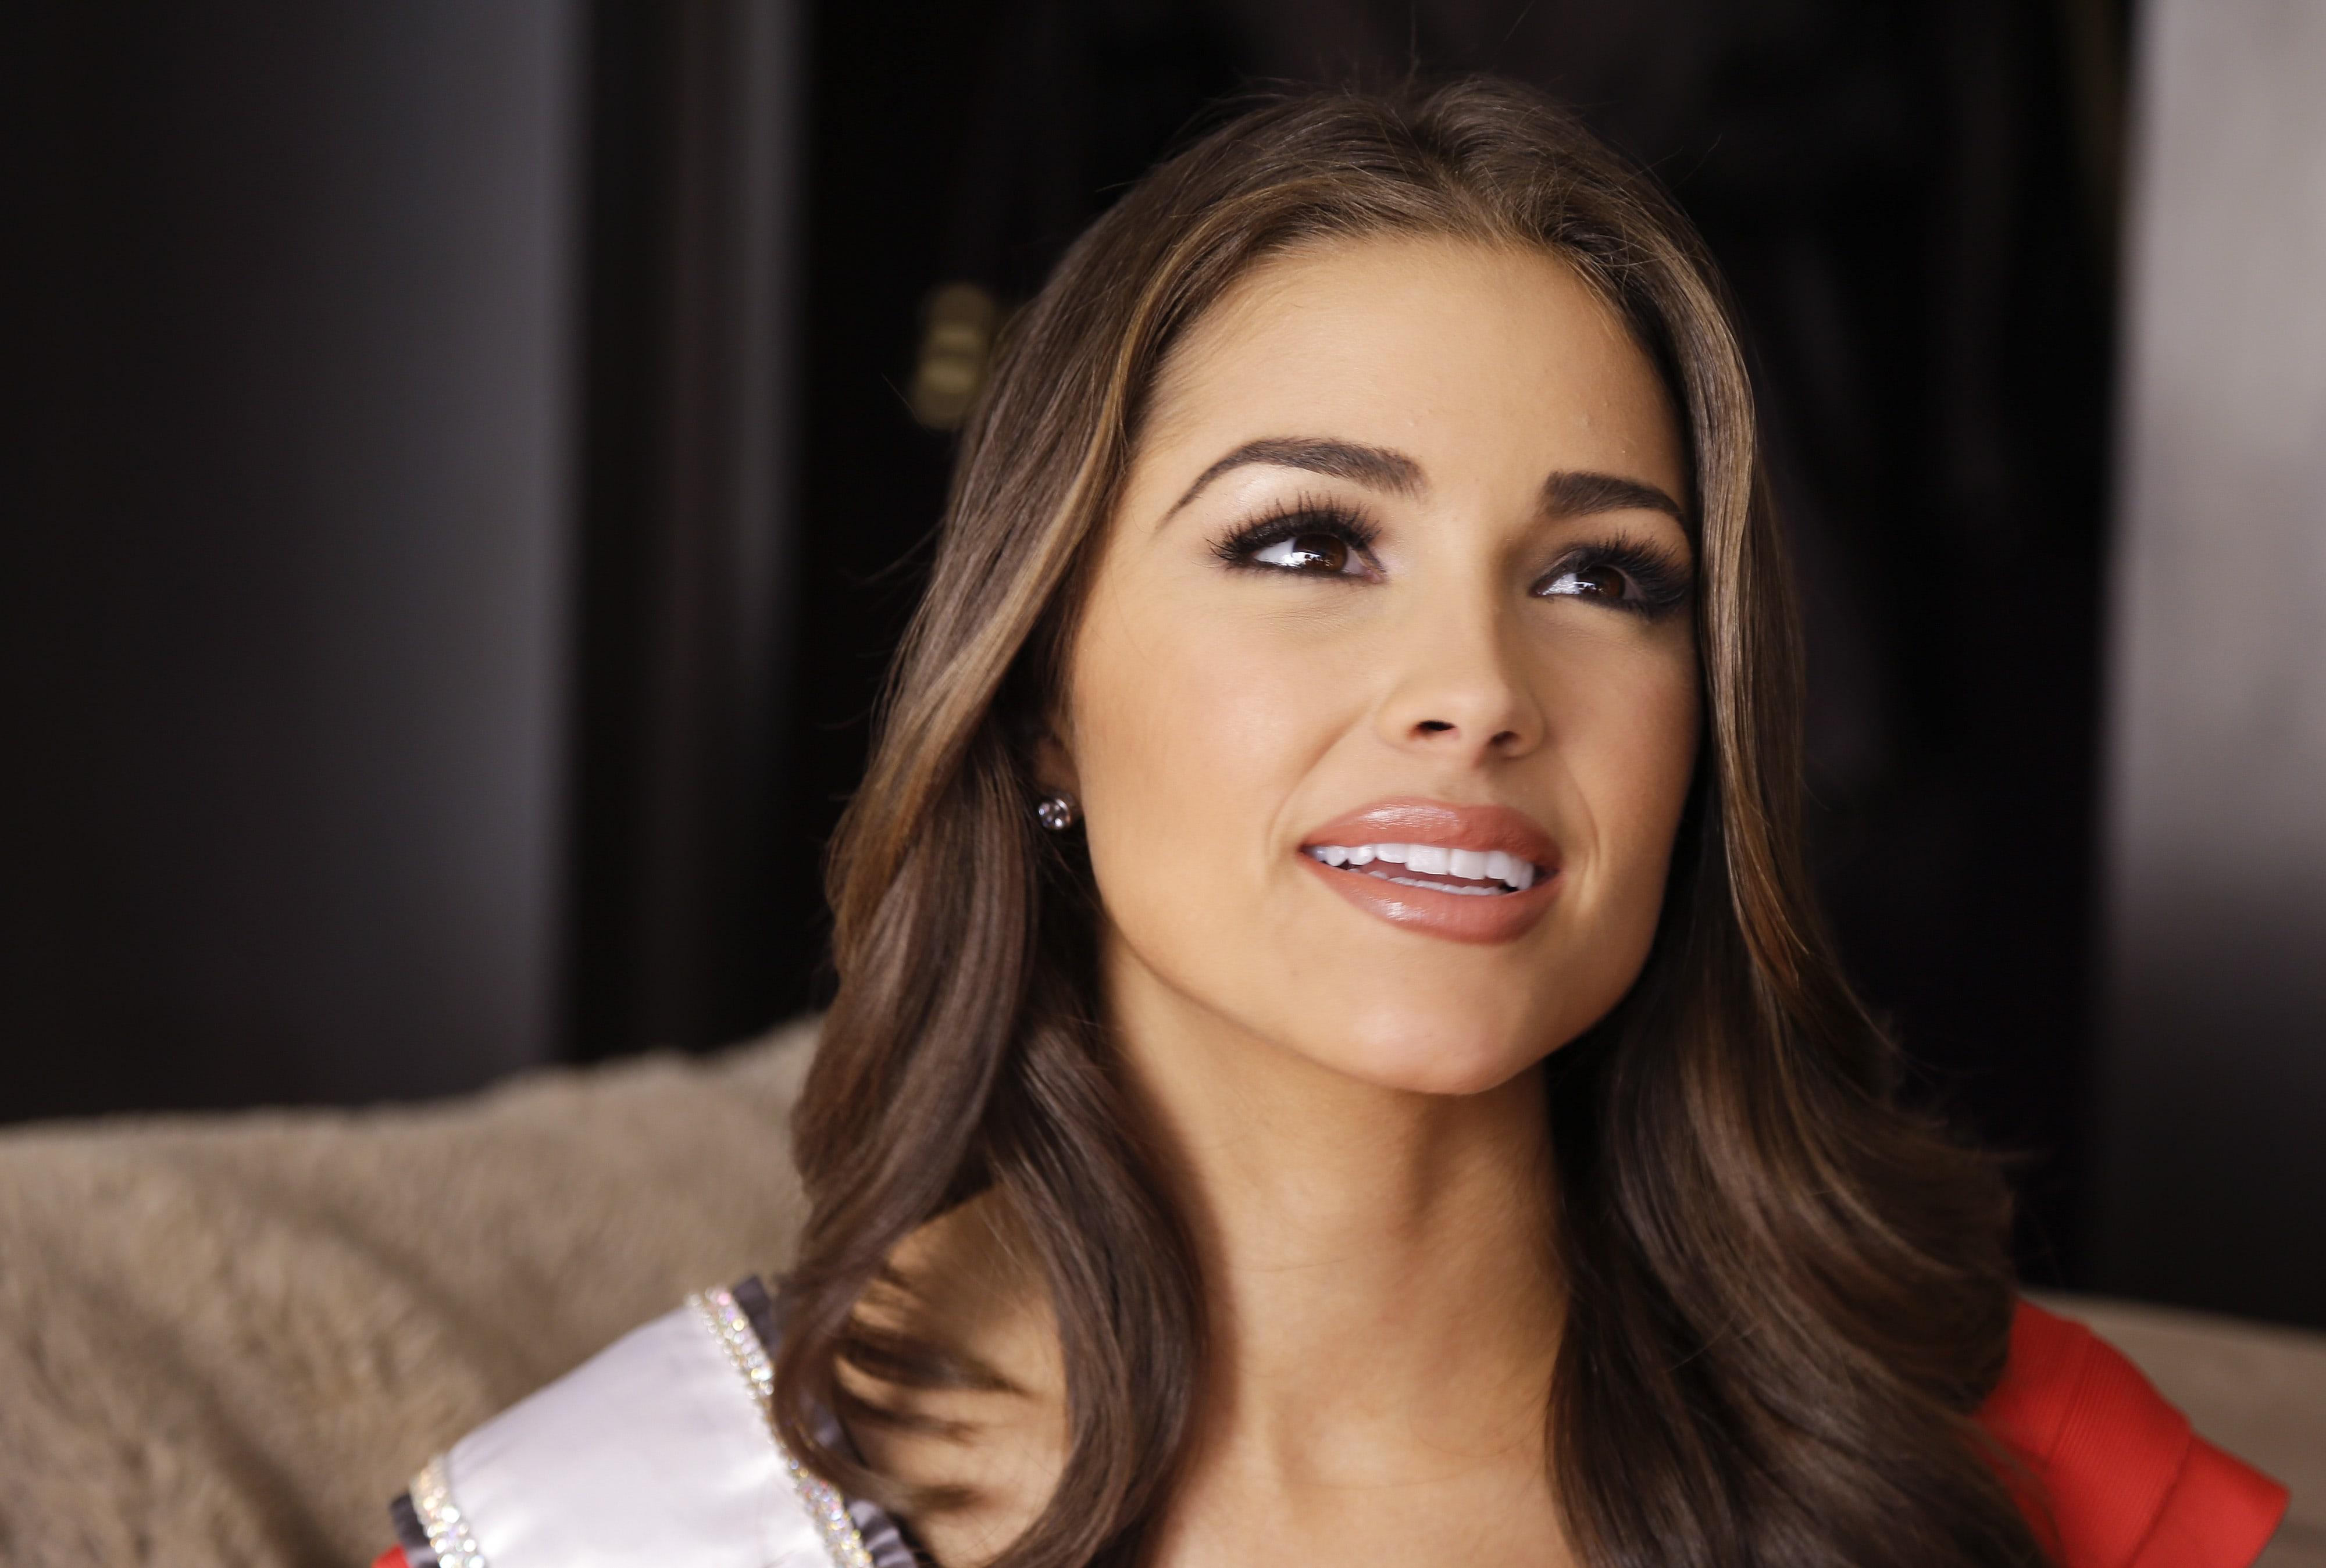 Maria Valverde Widescreen